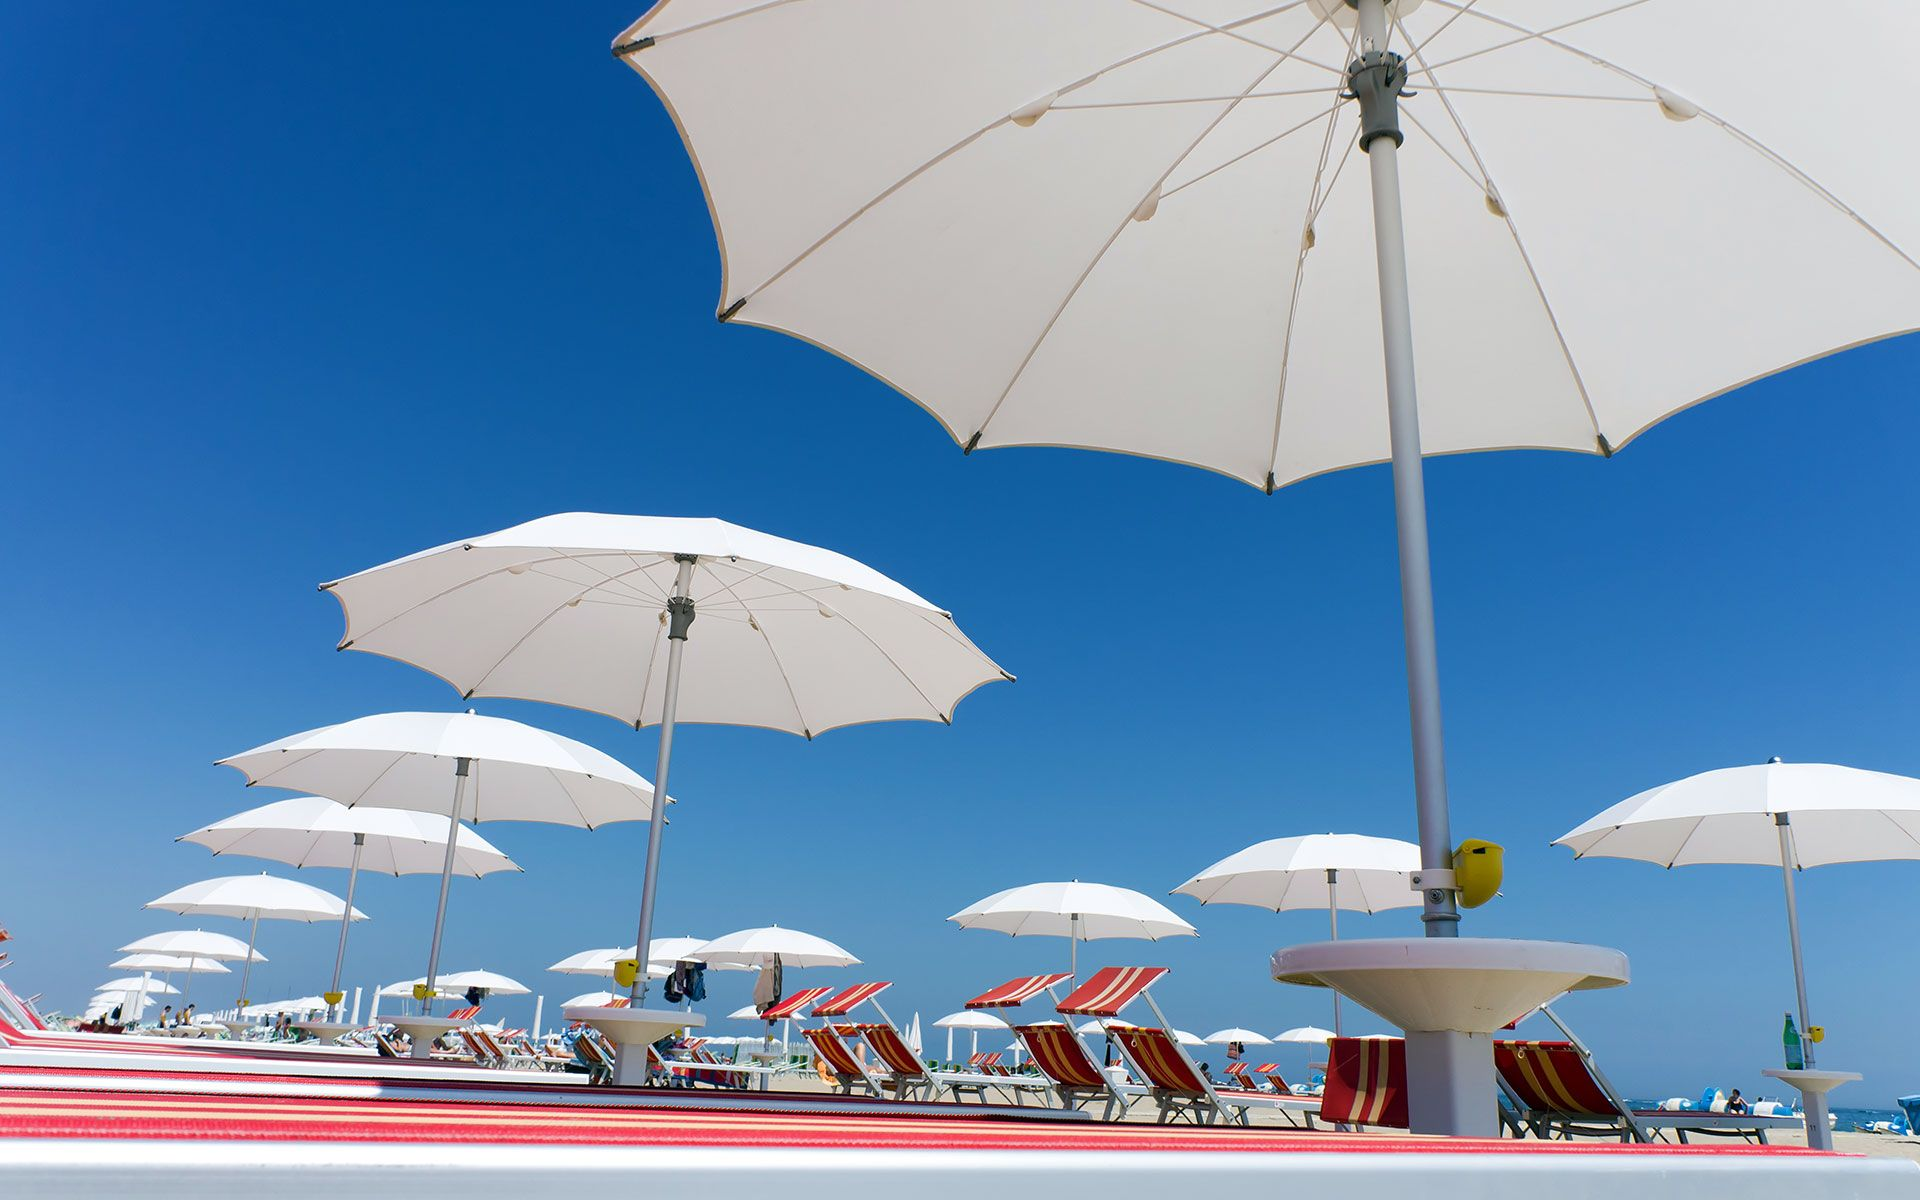 italy Adriatic rimini-beach italy 1920 × 1080